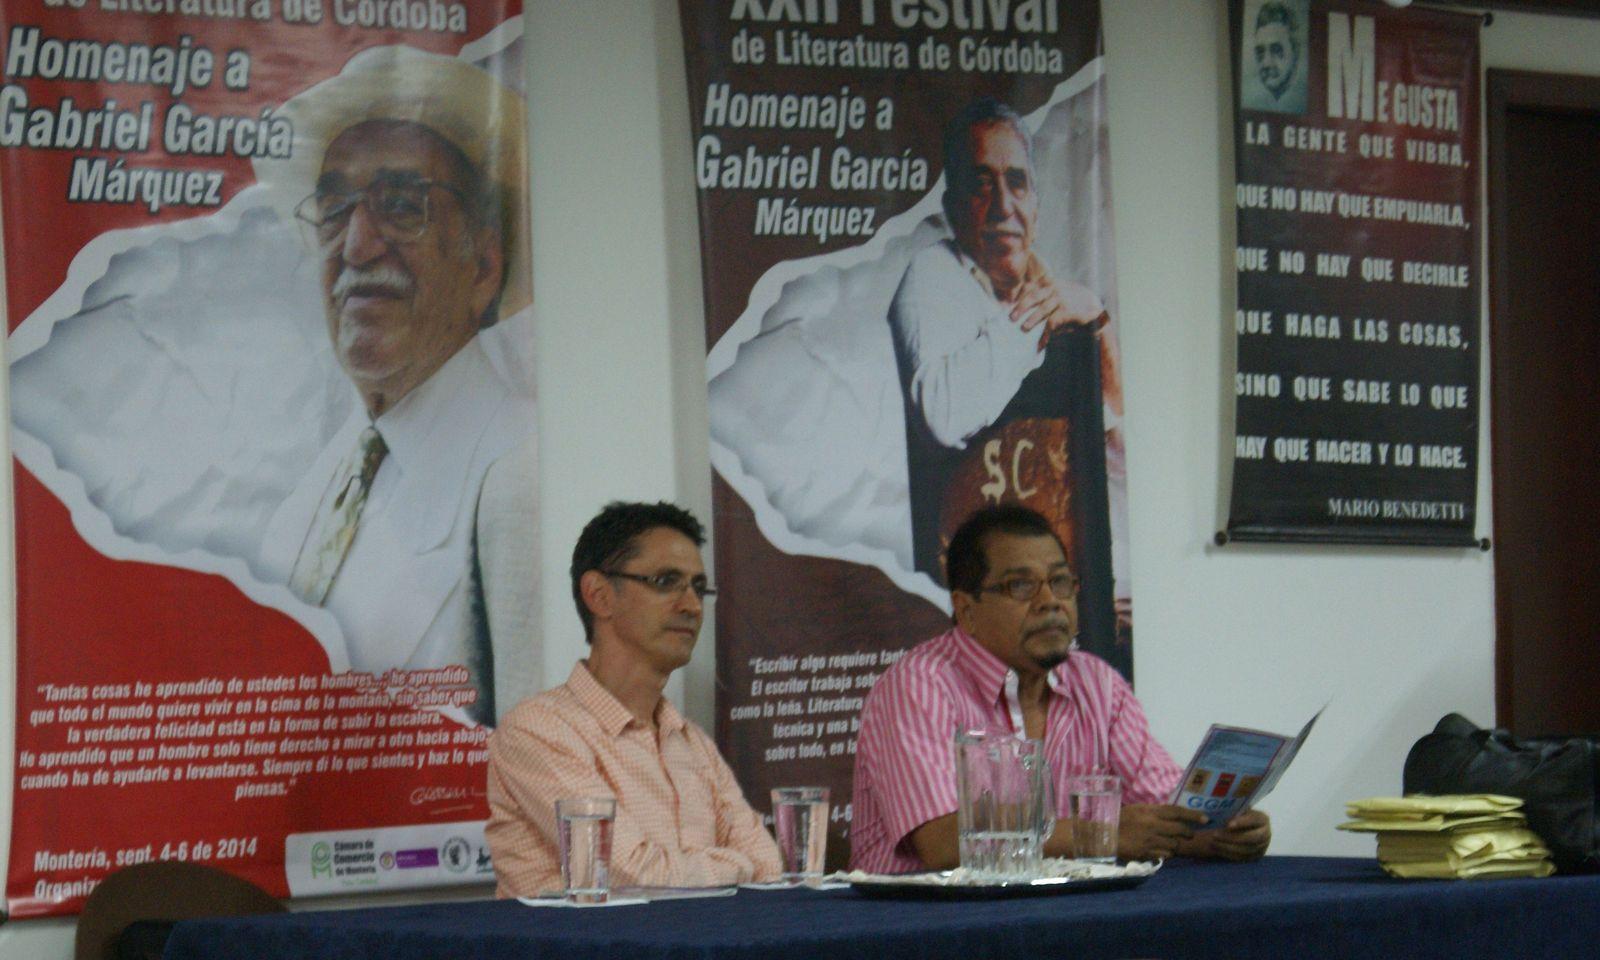 XXII Festival de Literatura de Córdoba y del Caribe- Pablo MOntoya, José Luis Garcés González